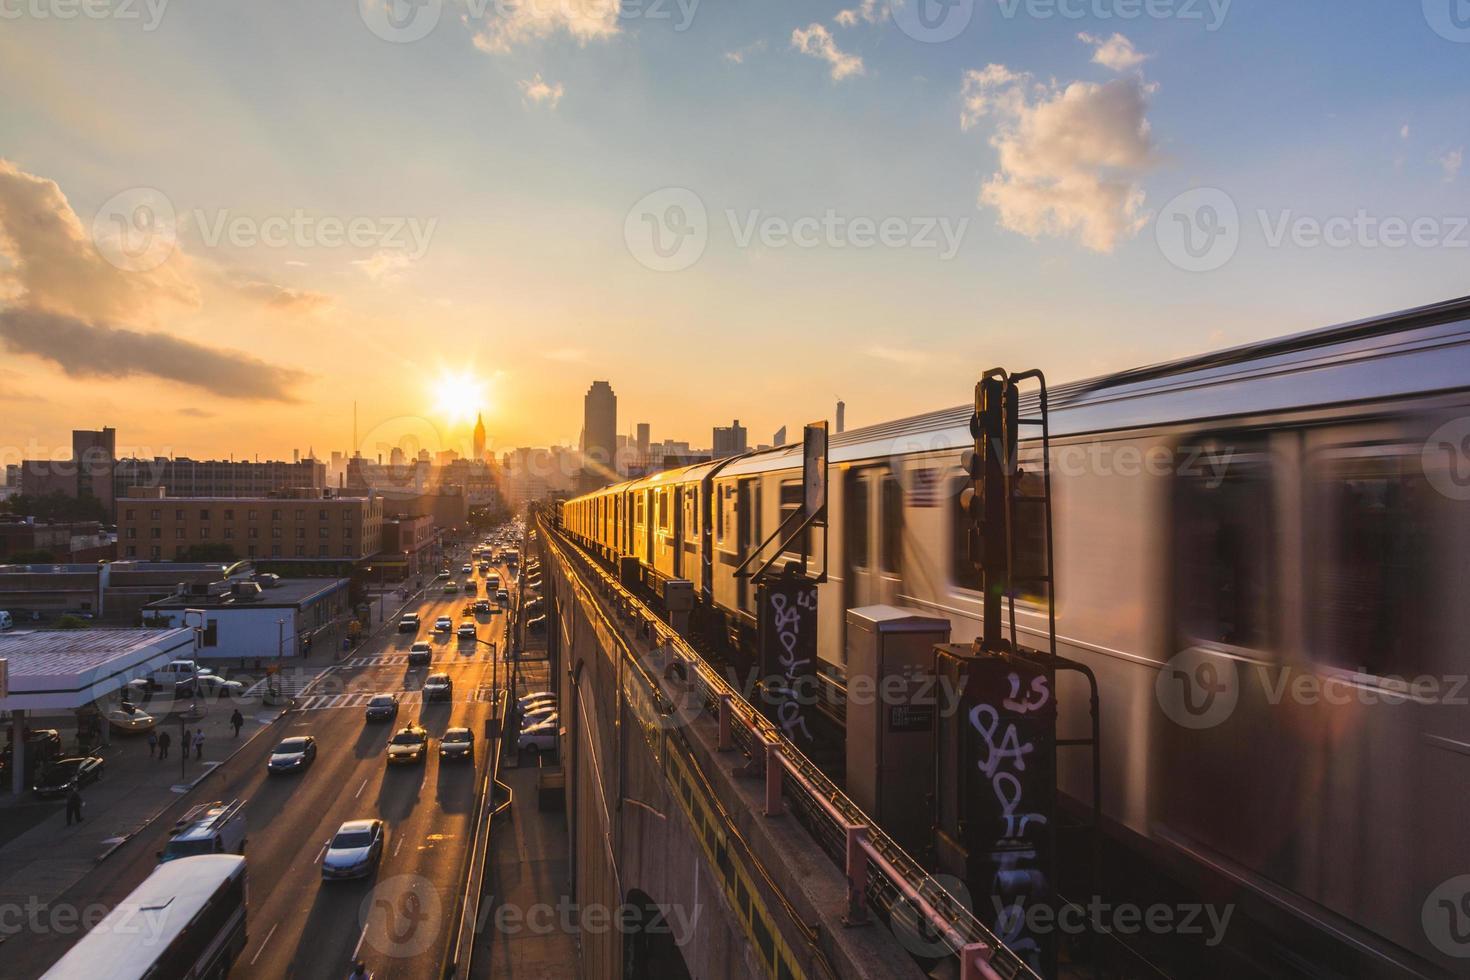 tunnelbanetåg i New York vid solnedgången foto